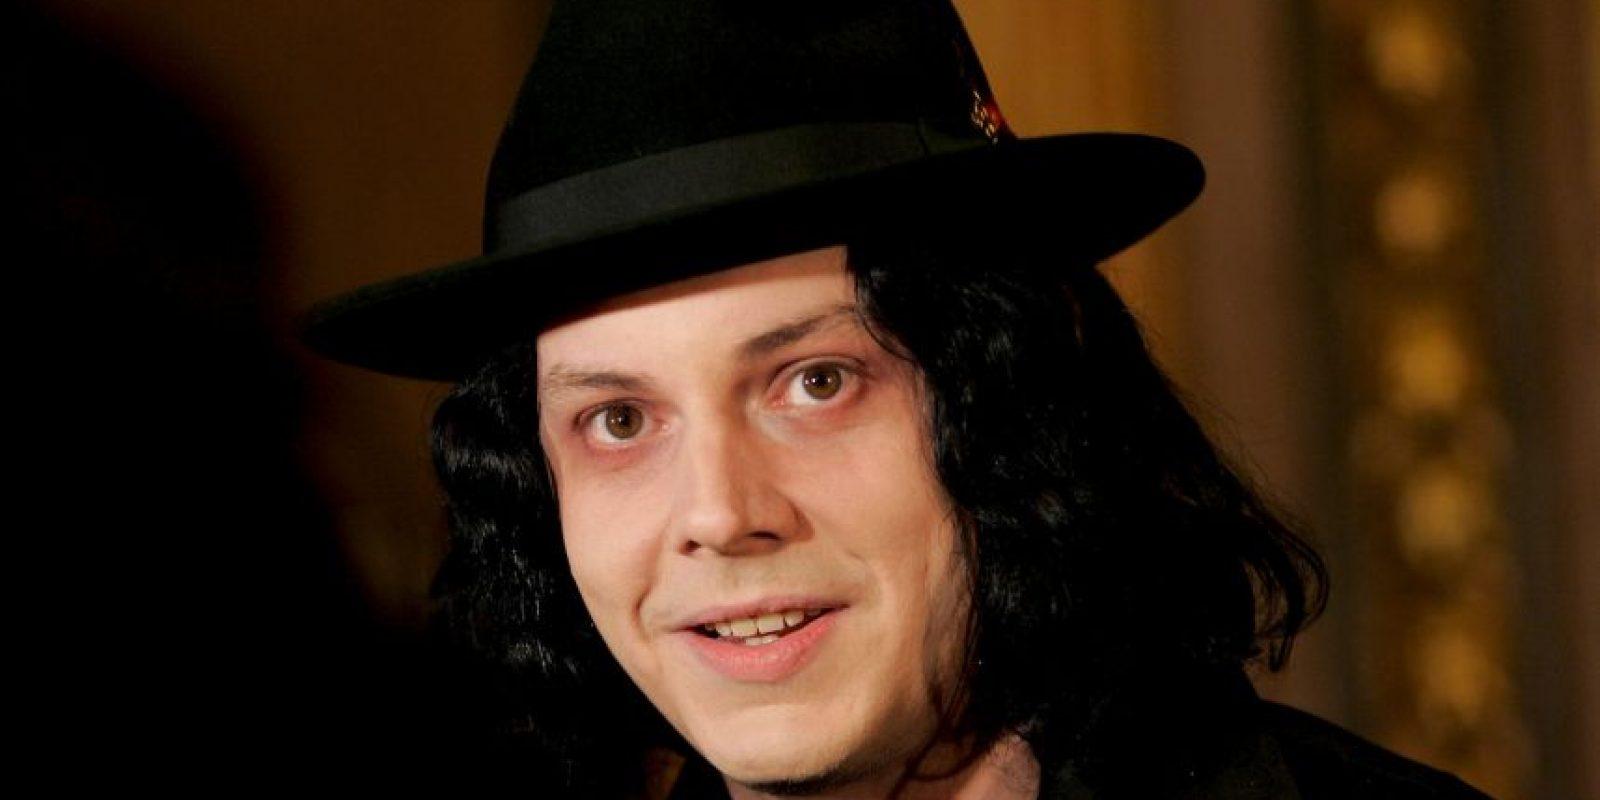 """16. Jack tocó el bajo en la canción """"Go It Alone"""" del álbum """"Güero"""" de Beck. Este álbum alcanzó la segunda posición en las listas de Billboard. Foto:Getty Images"""